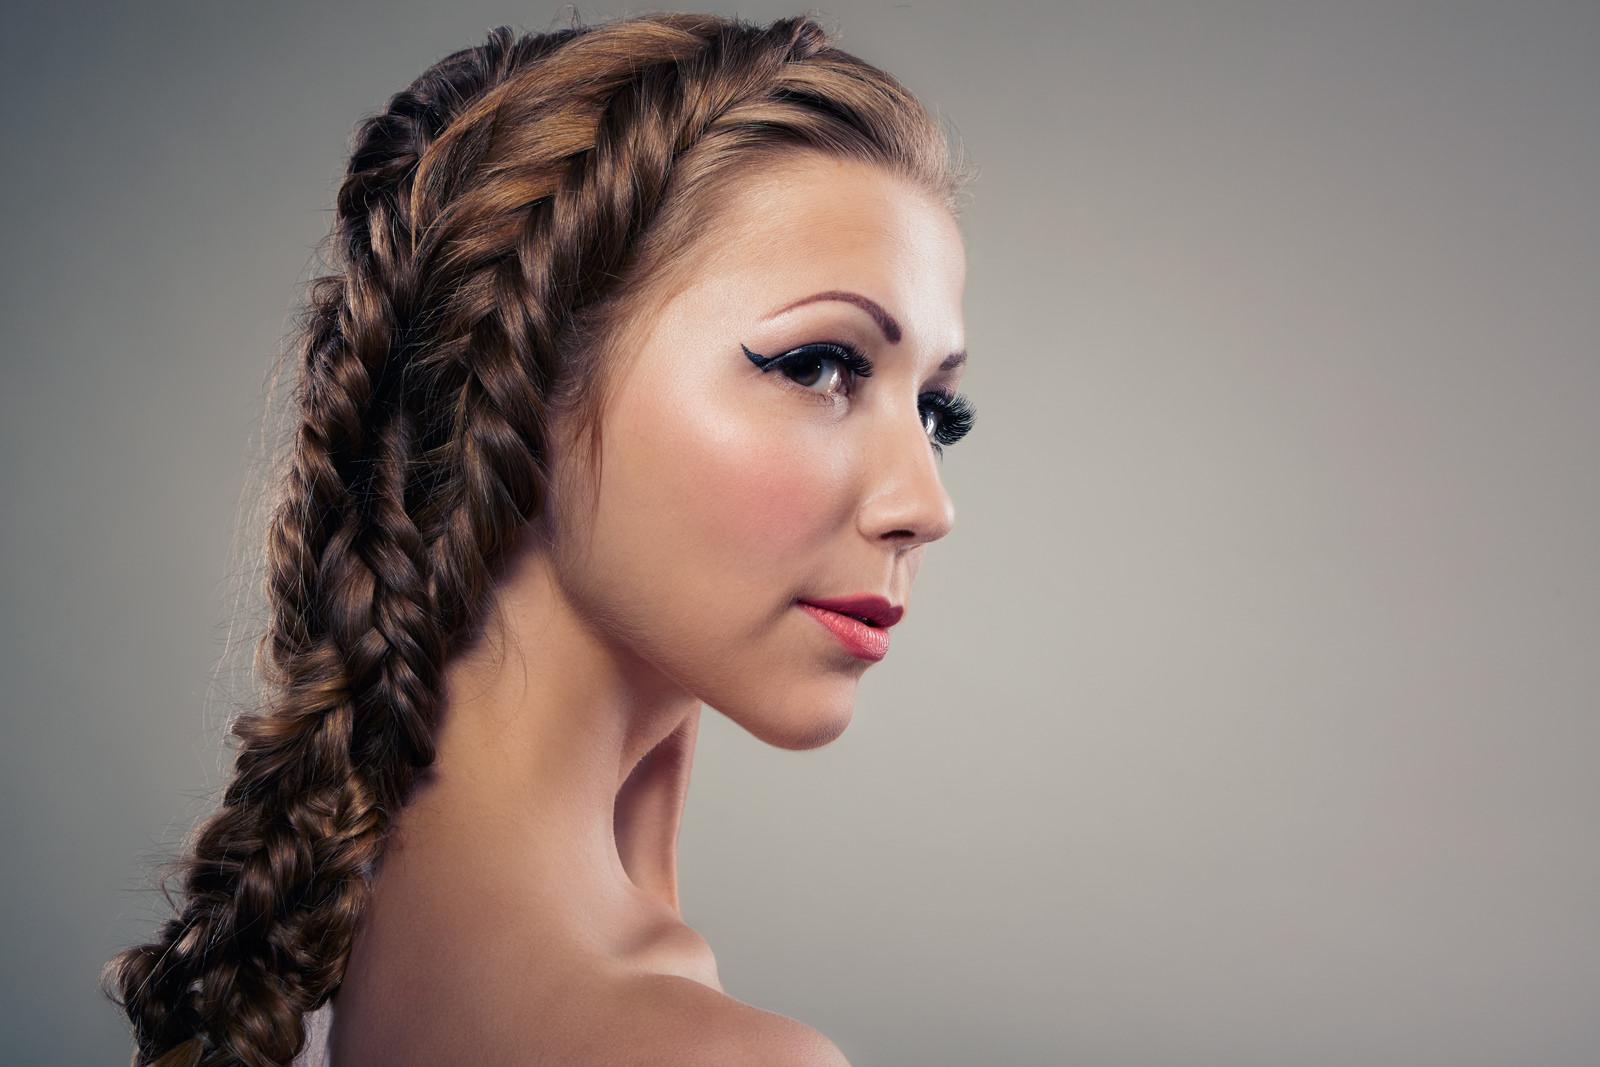 Peinados de mujeres hermosas - 1600x1067